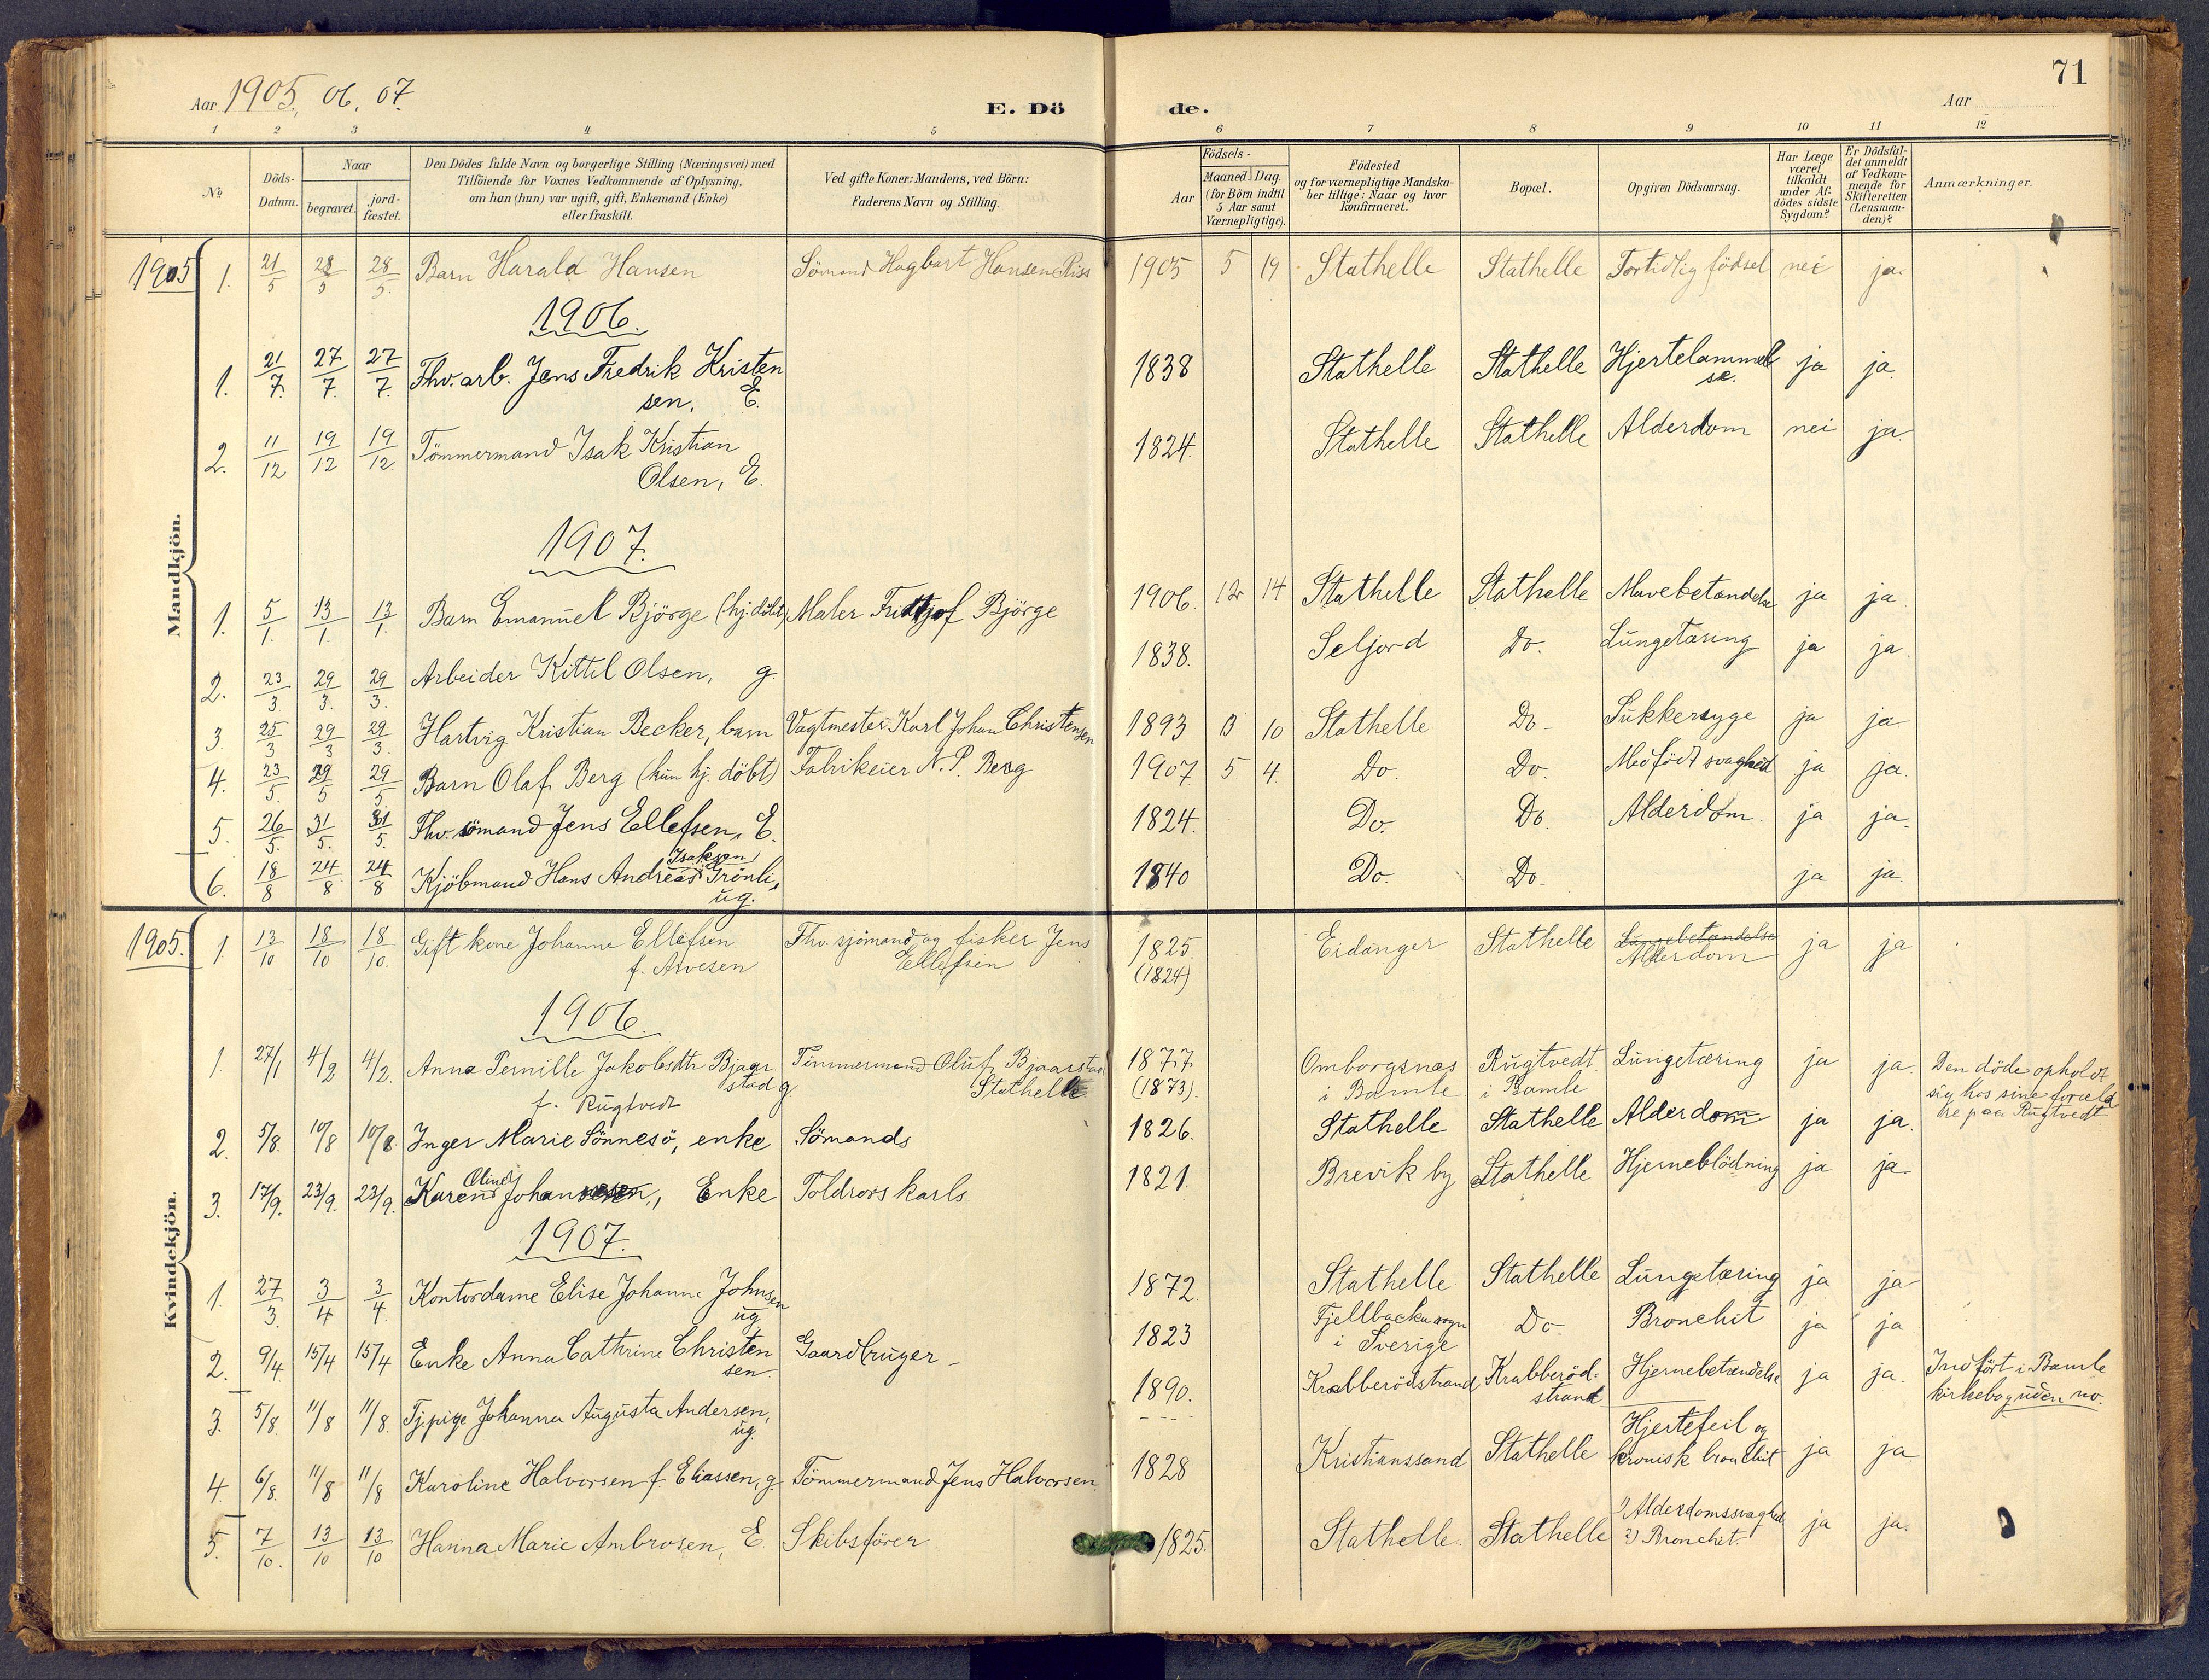 SAKO, Bamble kirkebøker, F/Fb/L0002: Ministerialbok nr. II 2, 1900-1921, s. 71